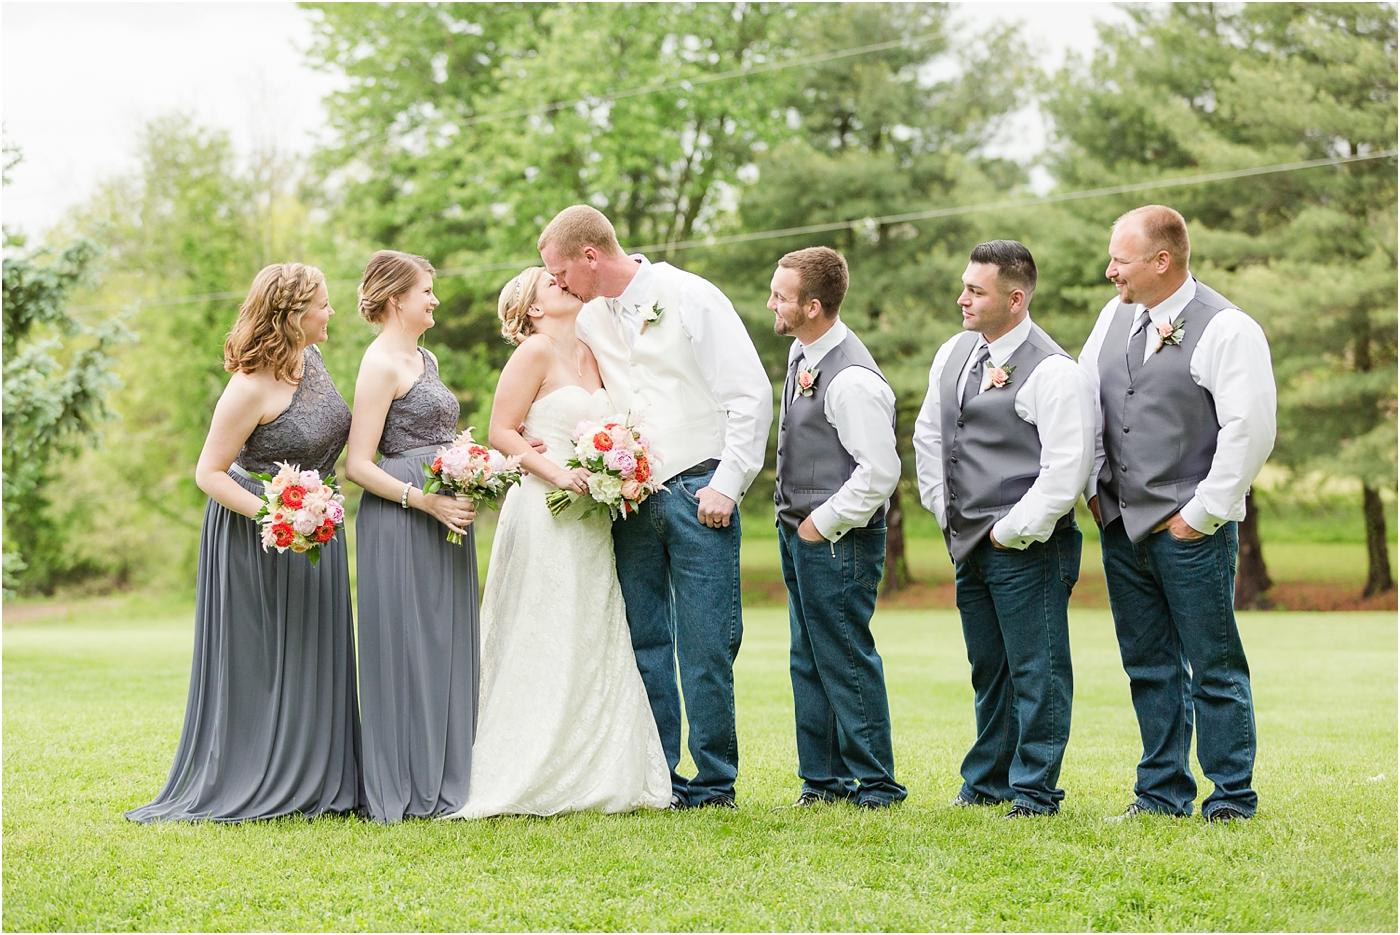 Royer-House-Wedding-Photos-54.jpg